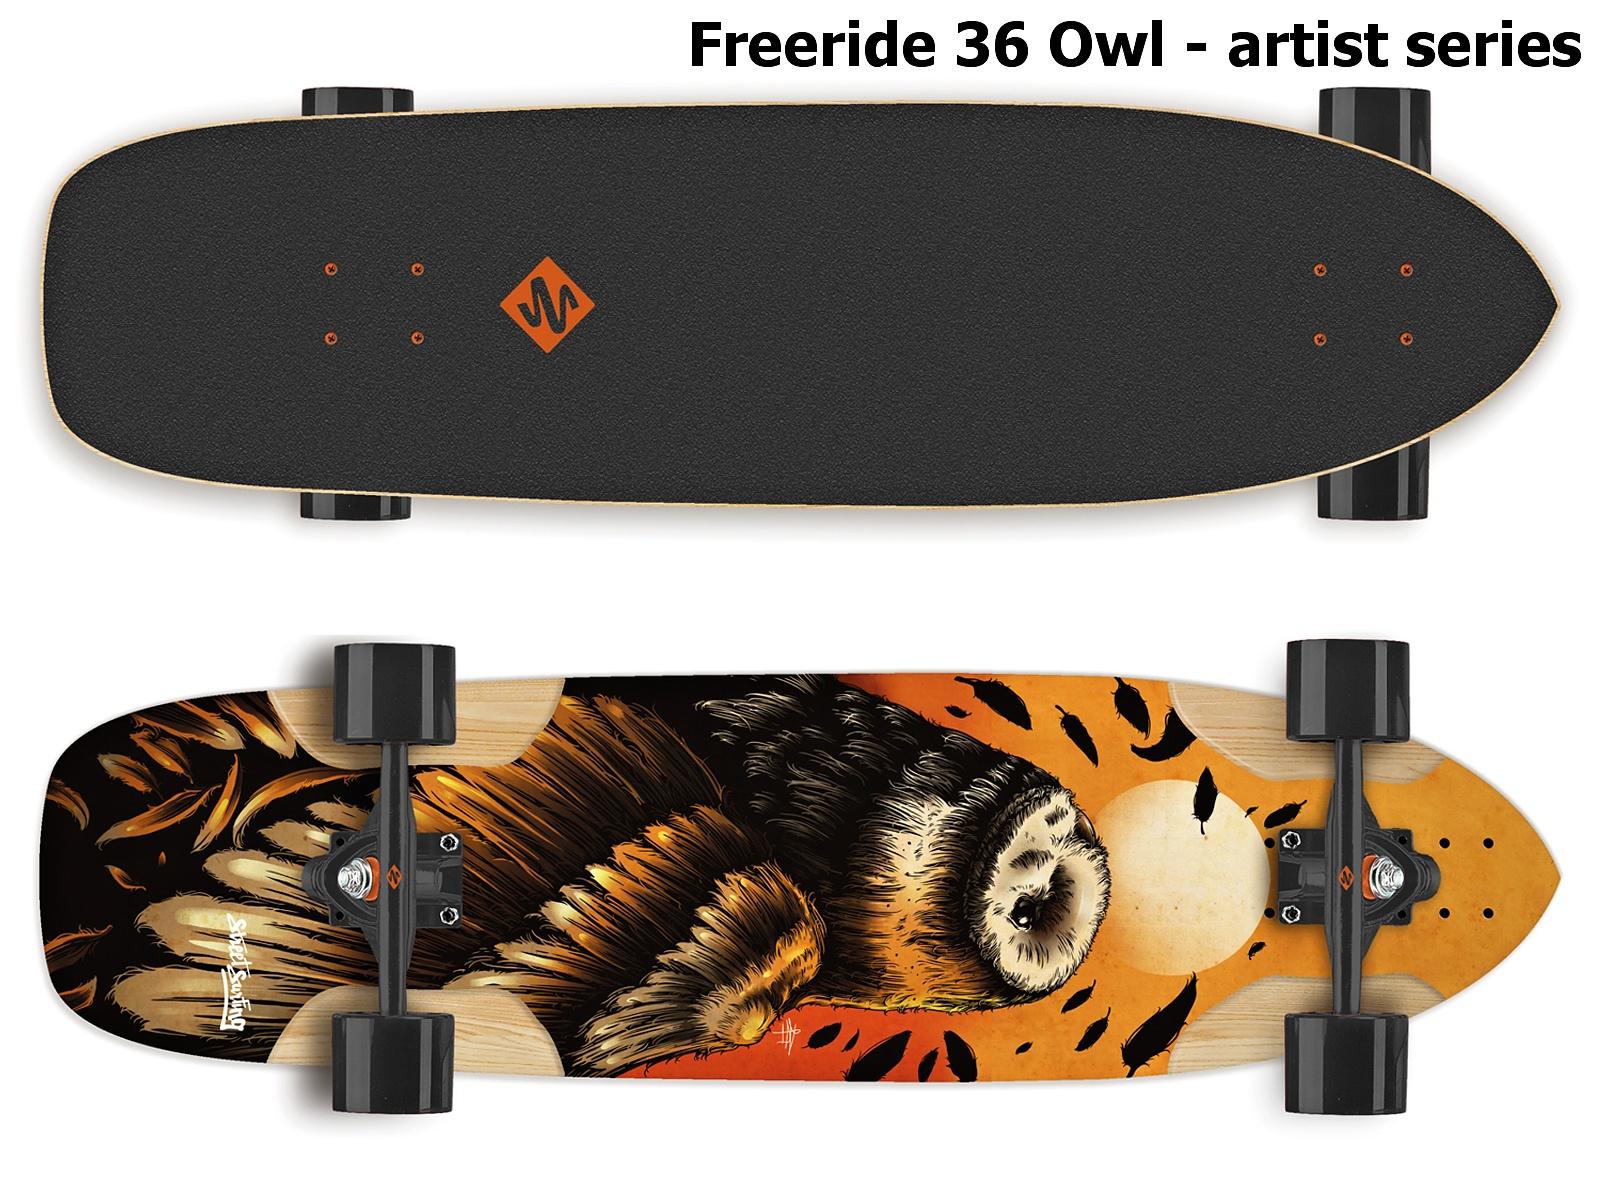 Longboard STREET SURFING Freeride 36 Owl - Sova